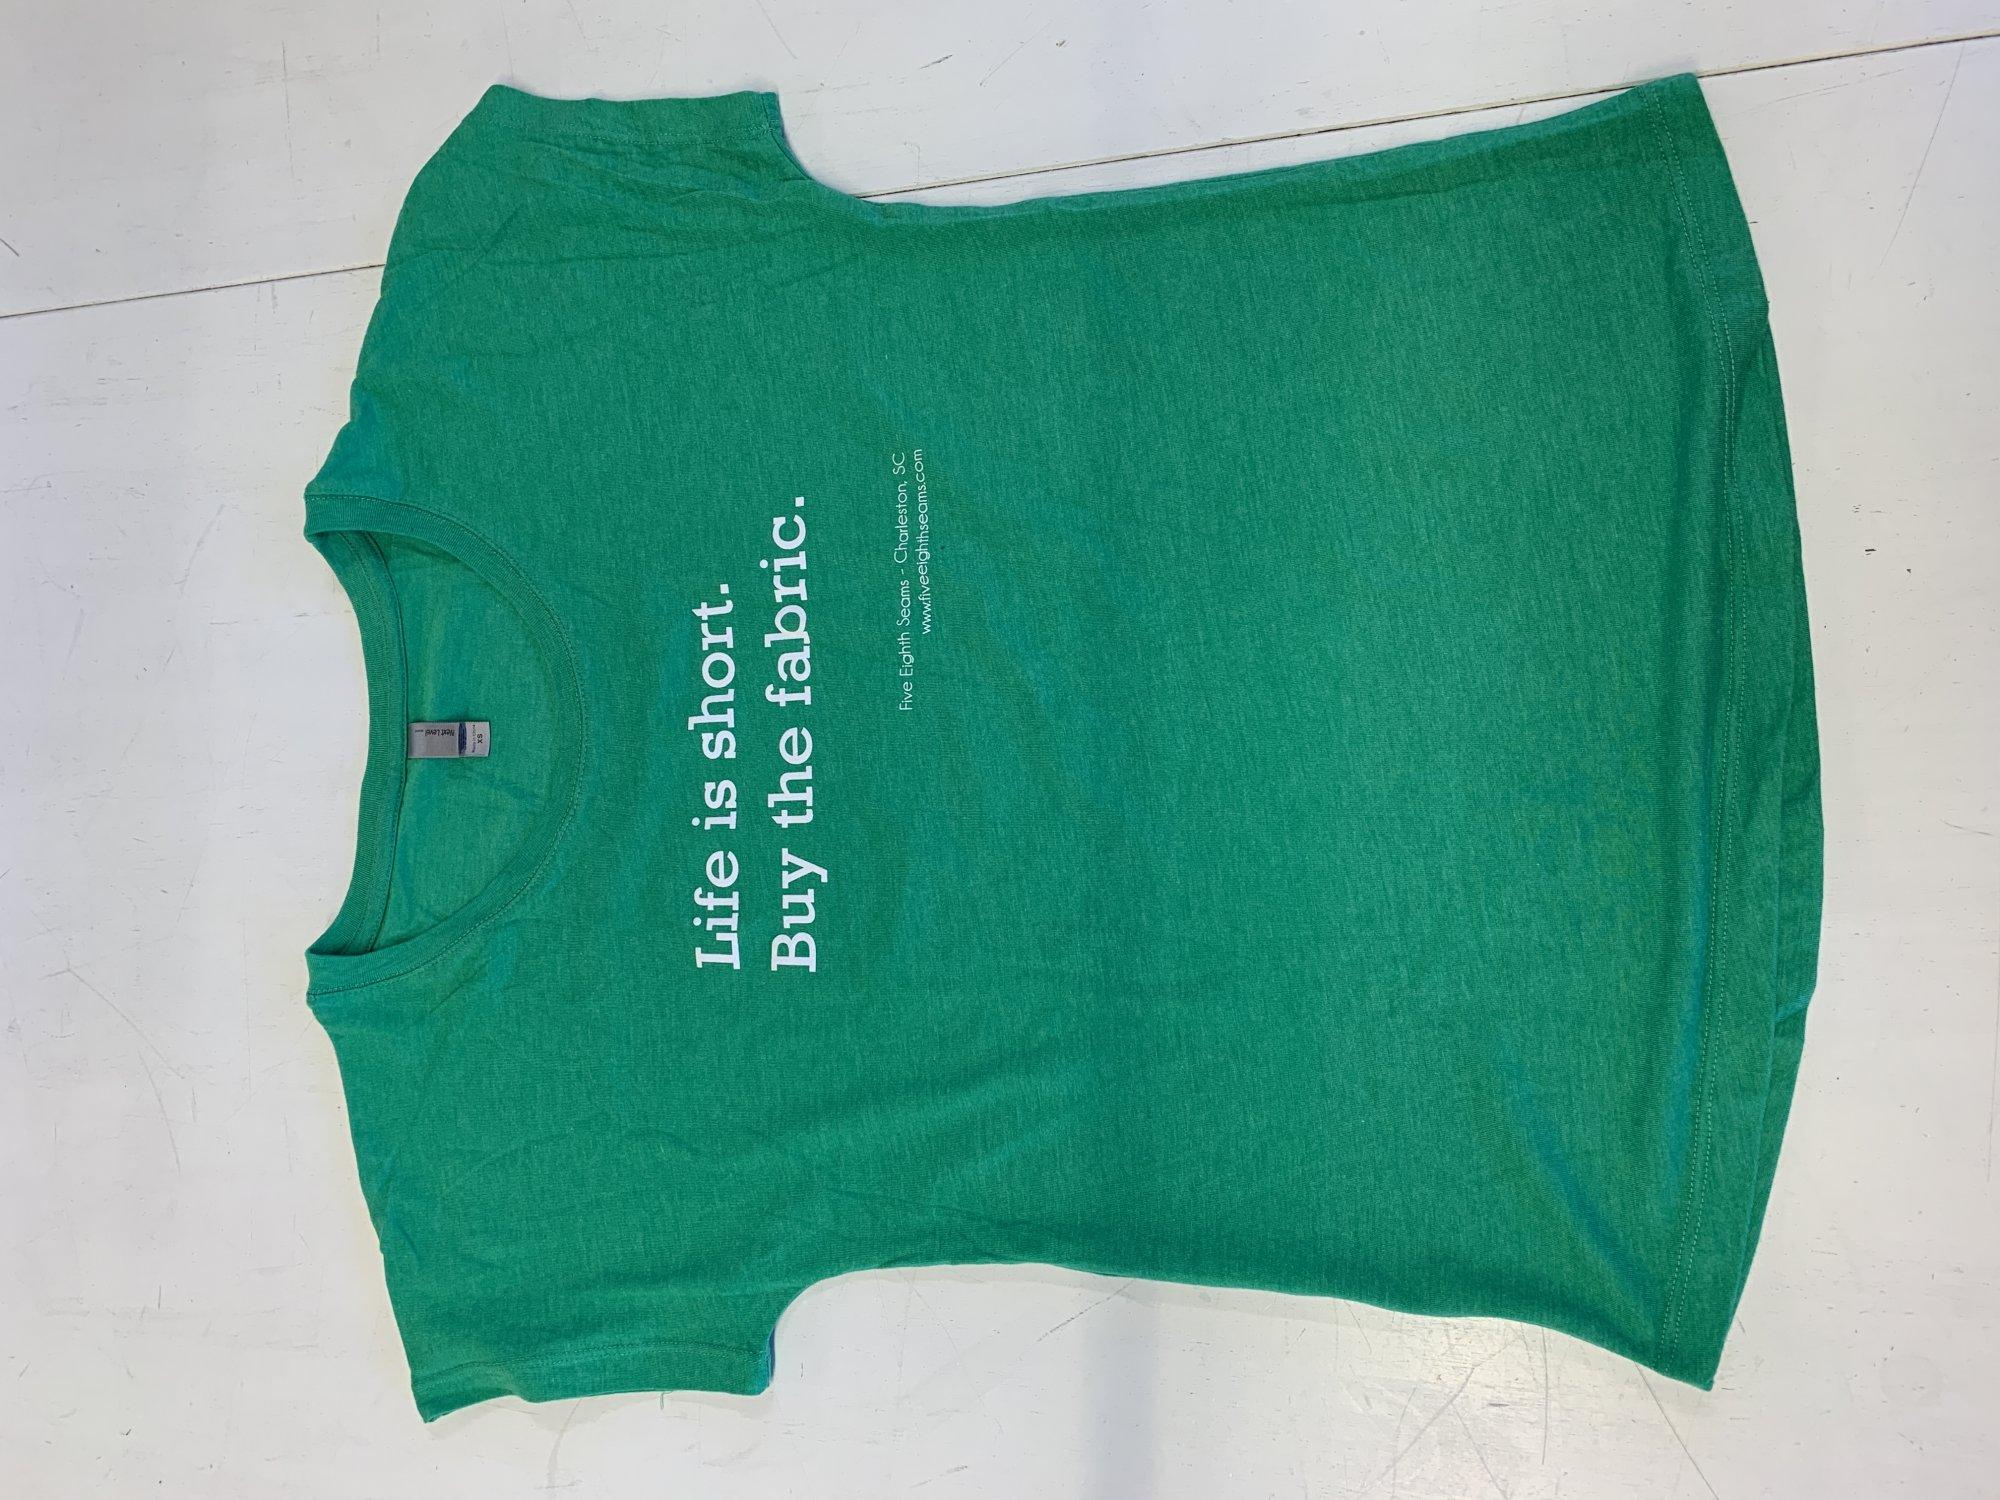 Fashion Tshirt Life is Short Green